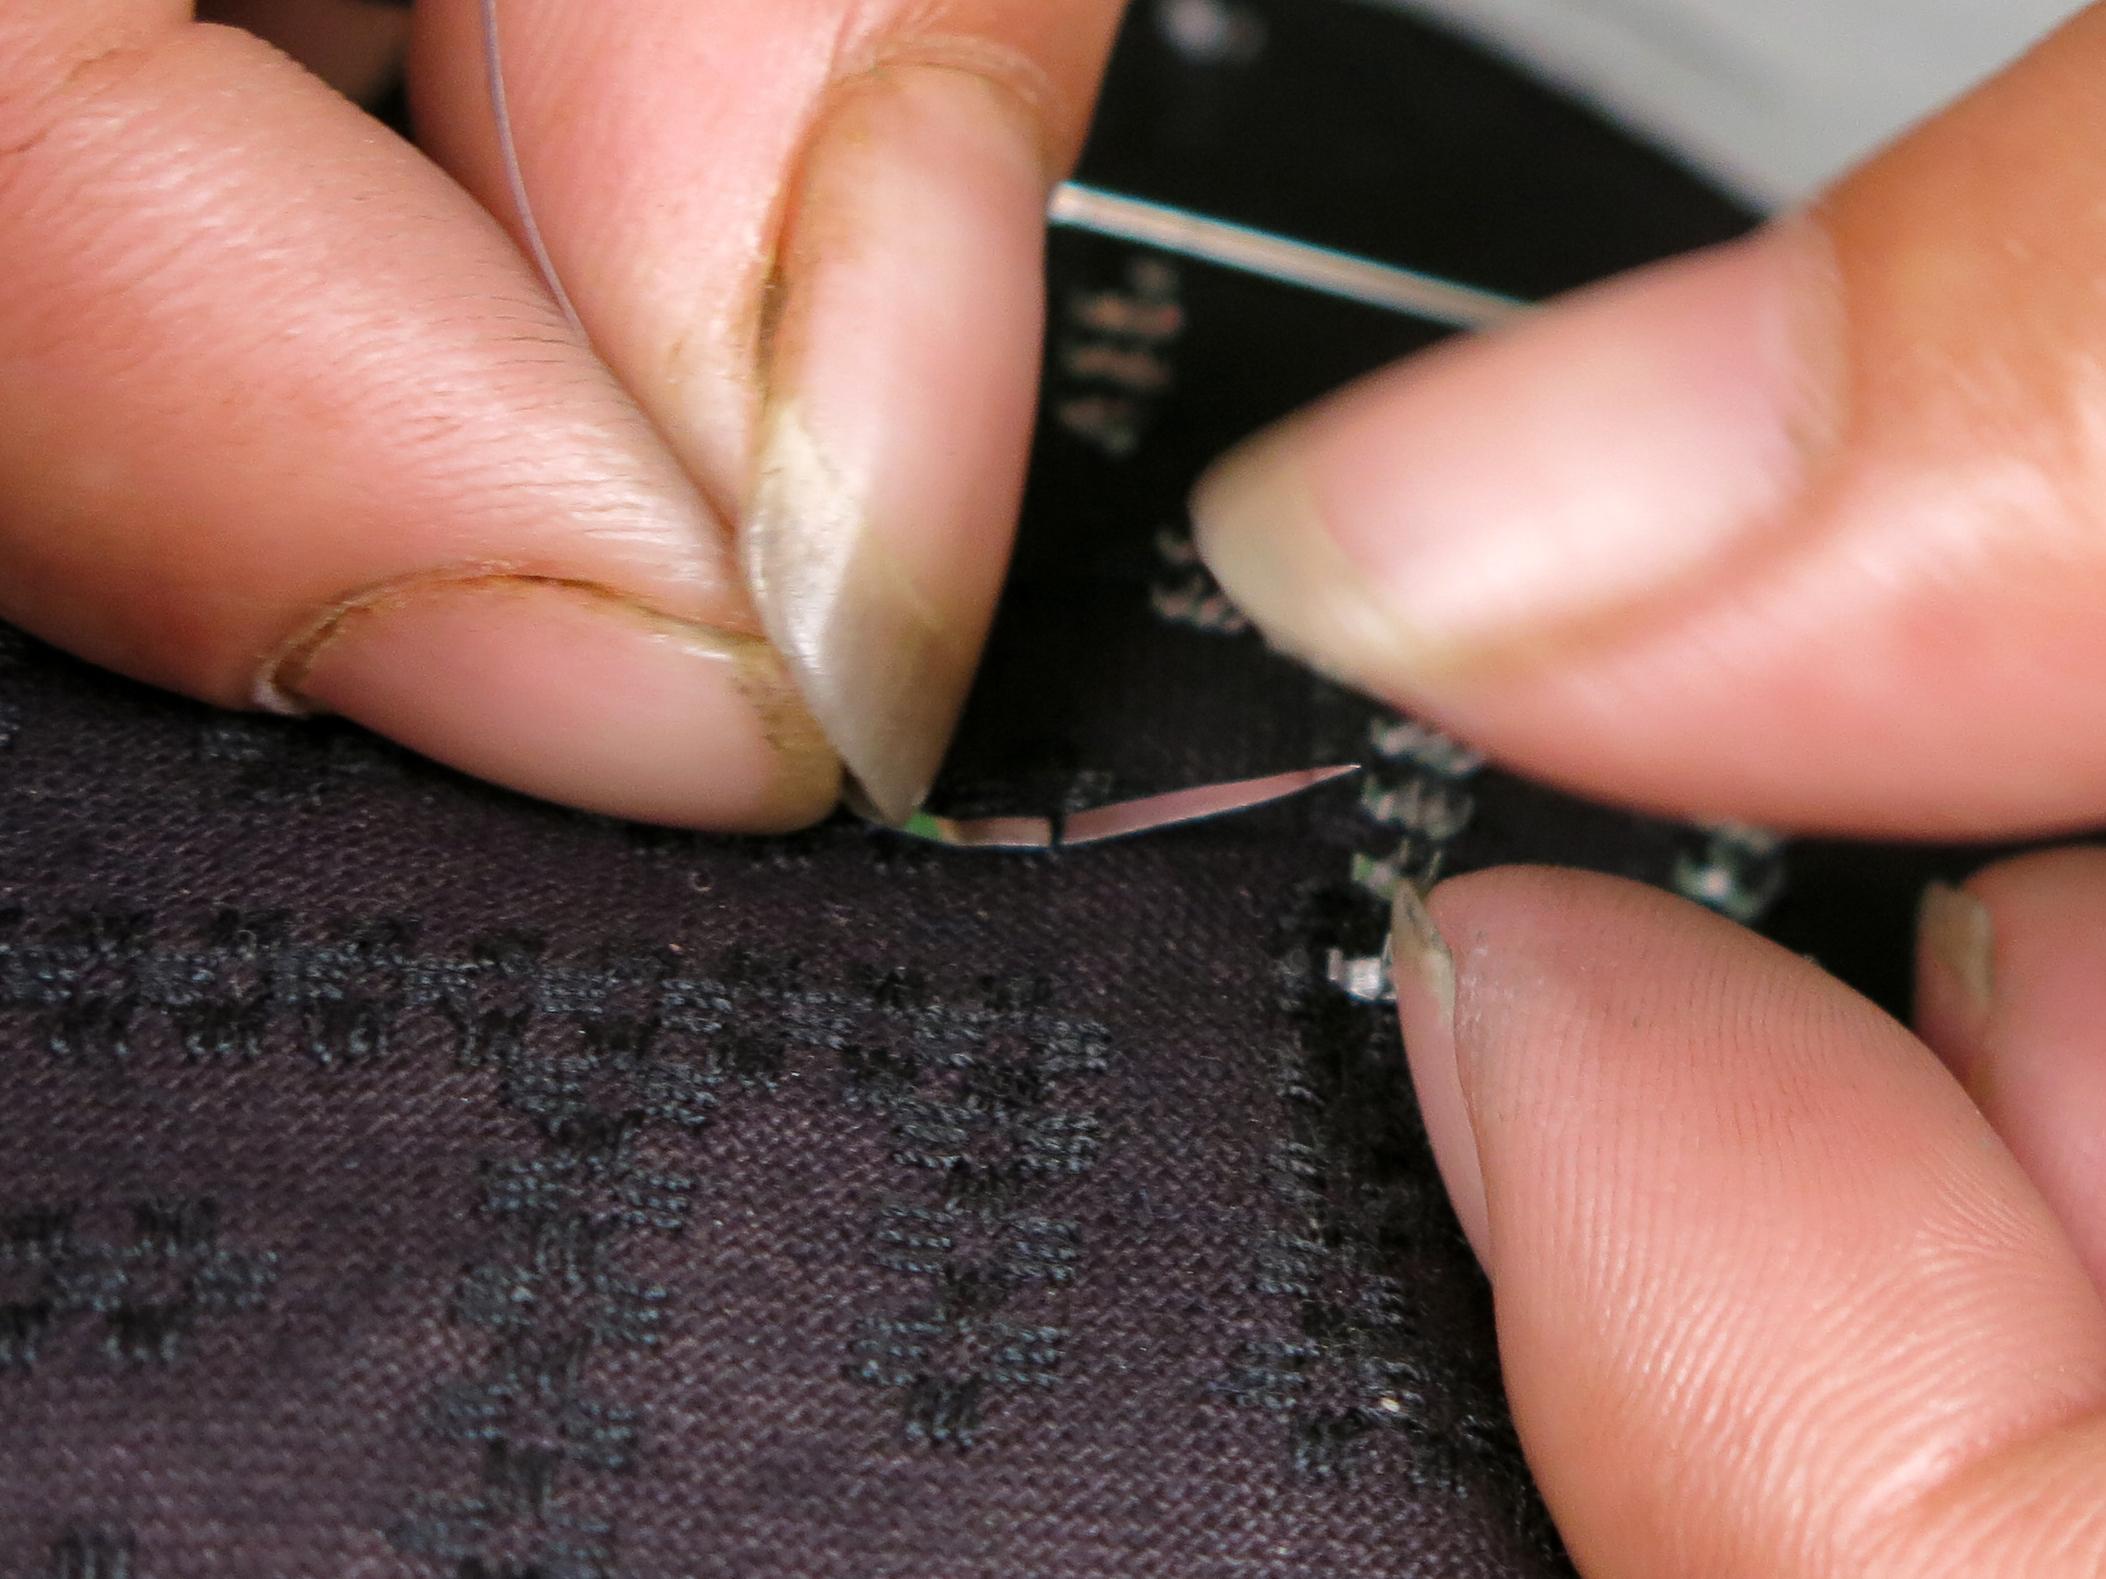 Tin strip threading into pick line